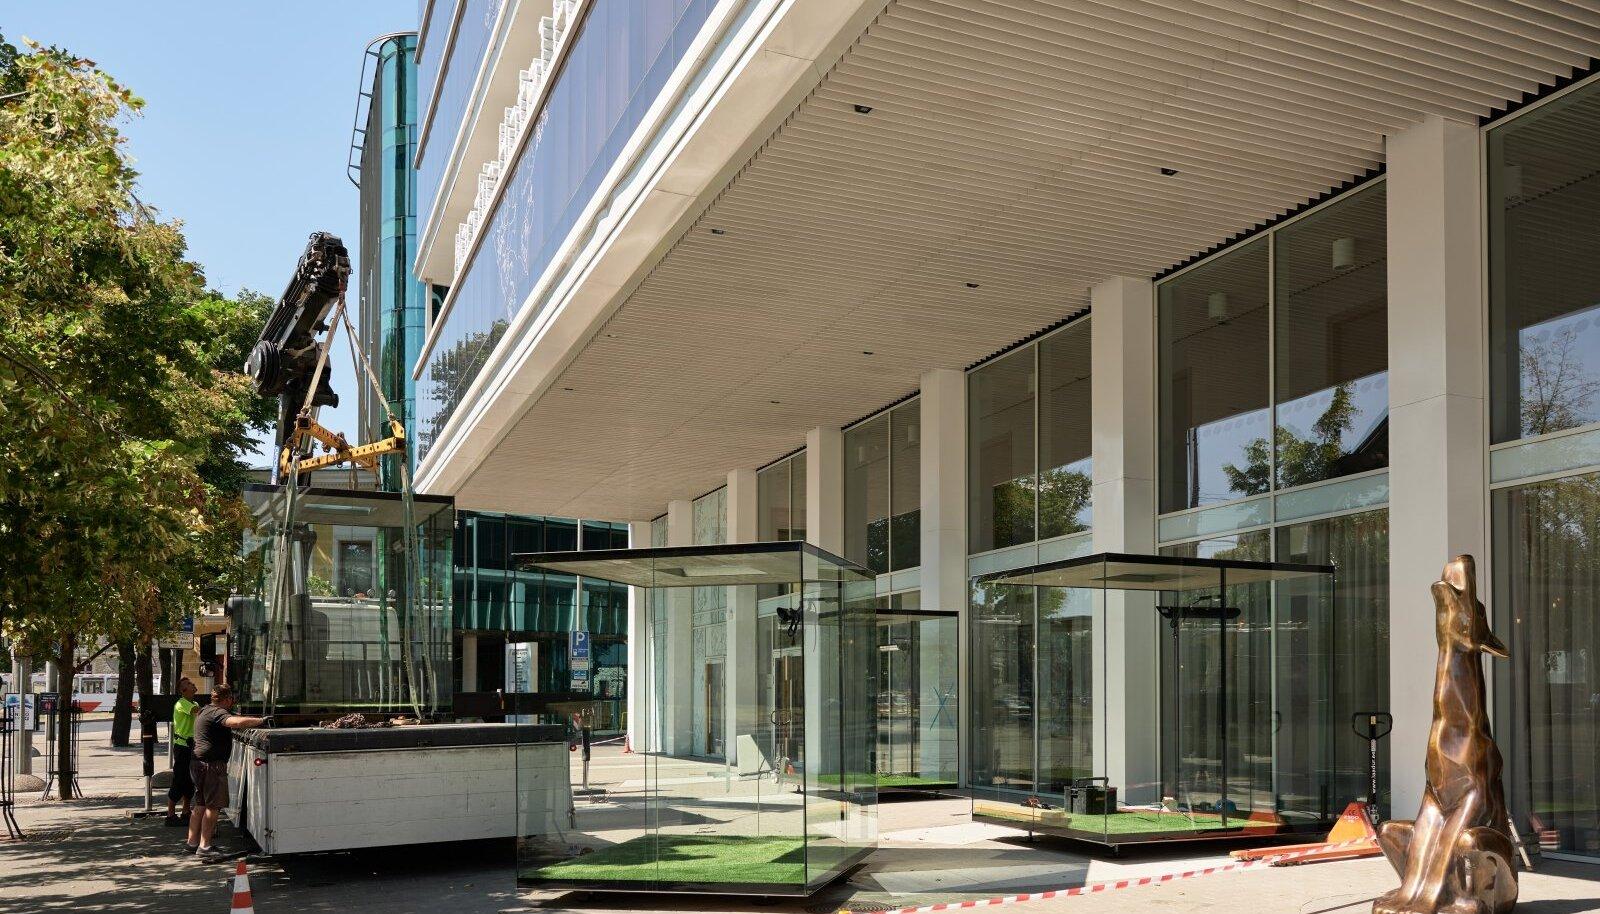 UUS STANDARD: Esmaspäeval algas Tallinna kesklinna hotelli Forum ees restorani Noho rajamine. Söögikoha eripära on klaasist kuubikud, mis lasevad kõigil seltskondadel omaette einestada. Koroonaajastul on see igati mõistlik lahendus.